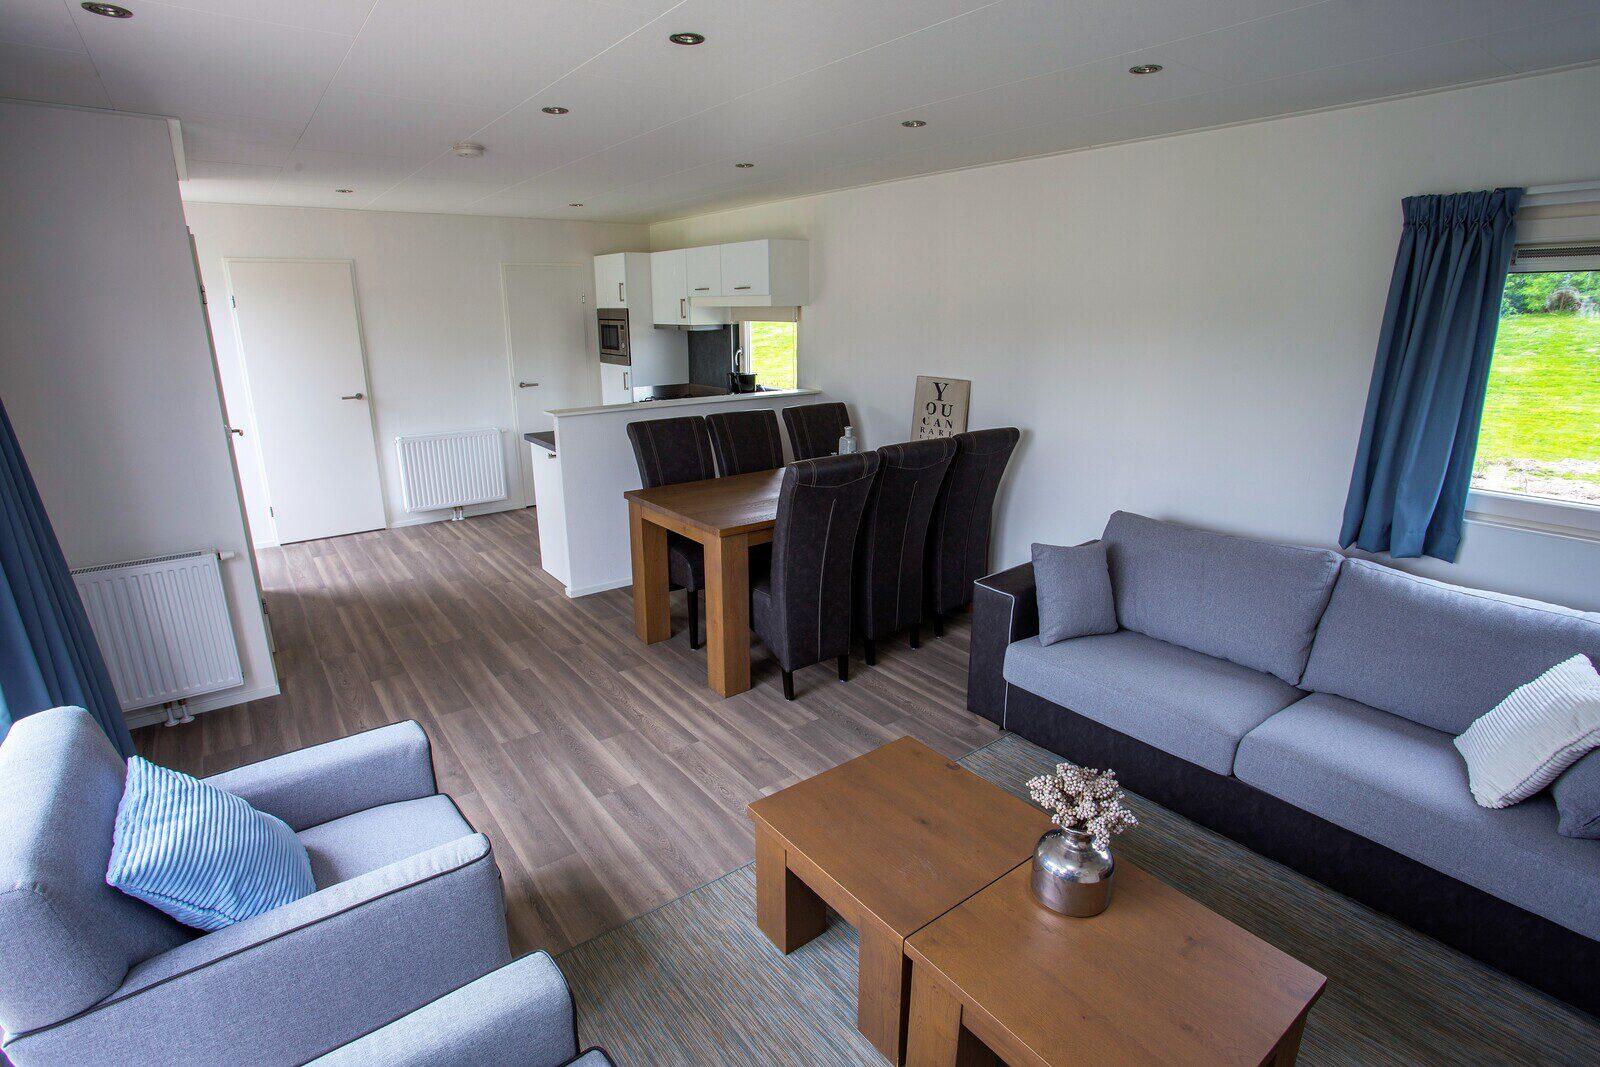 6-persoons accommodatie (zonder TV), 3 slaapkamers